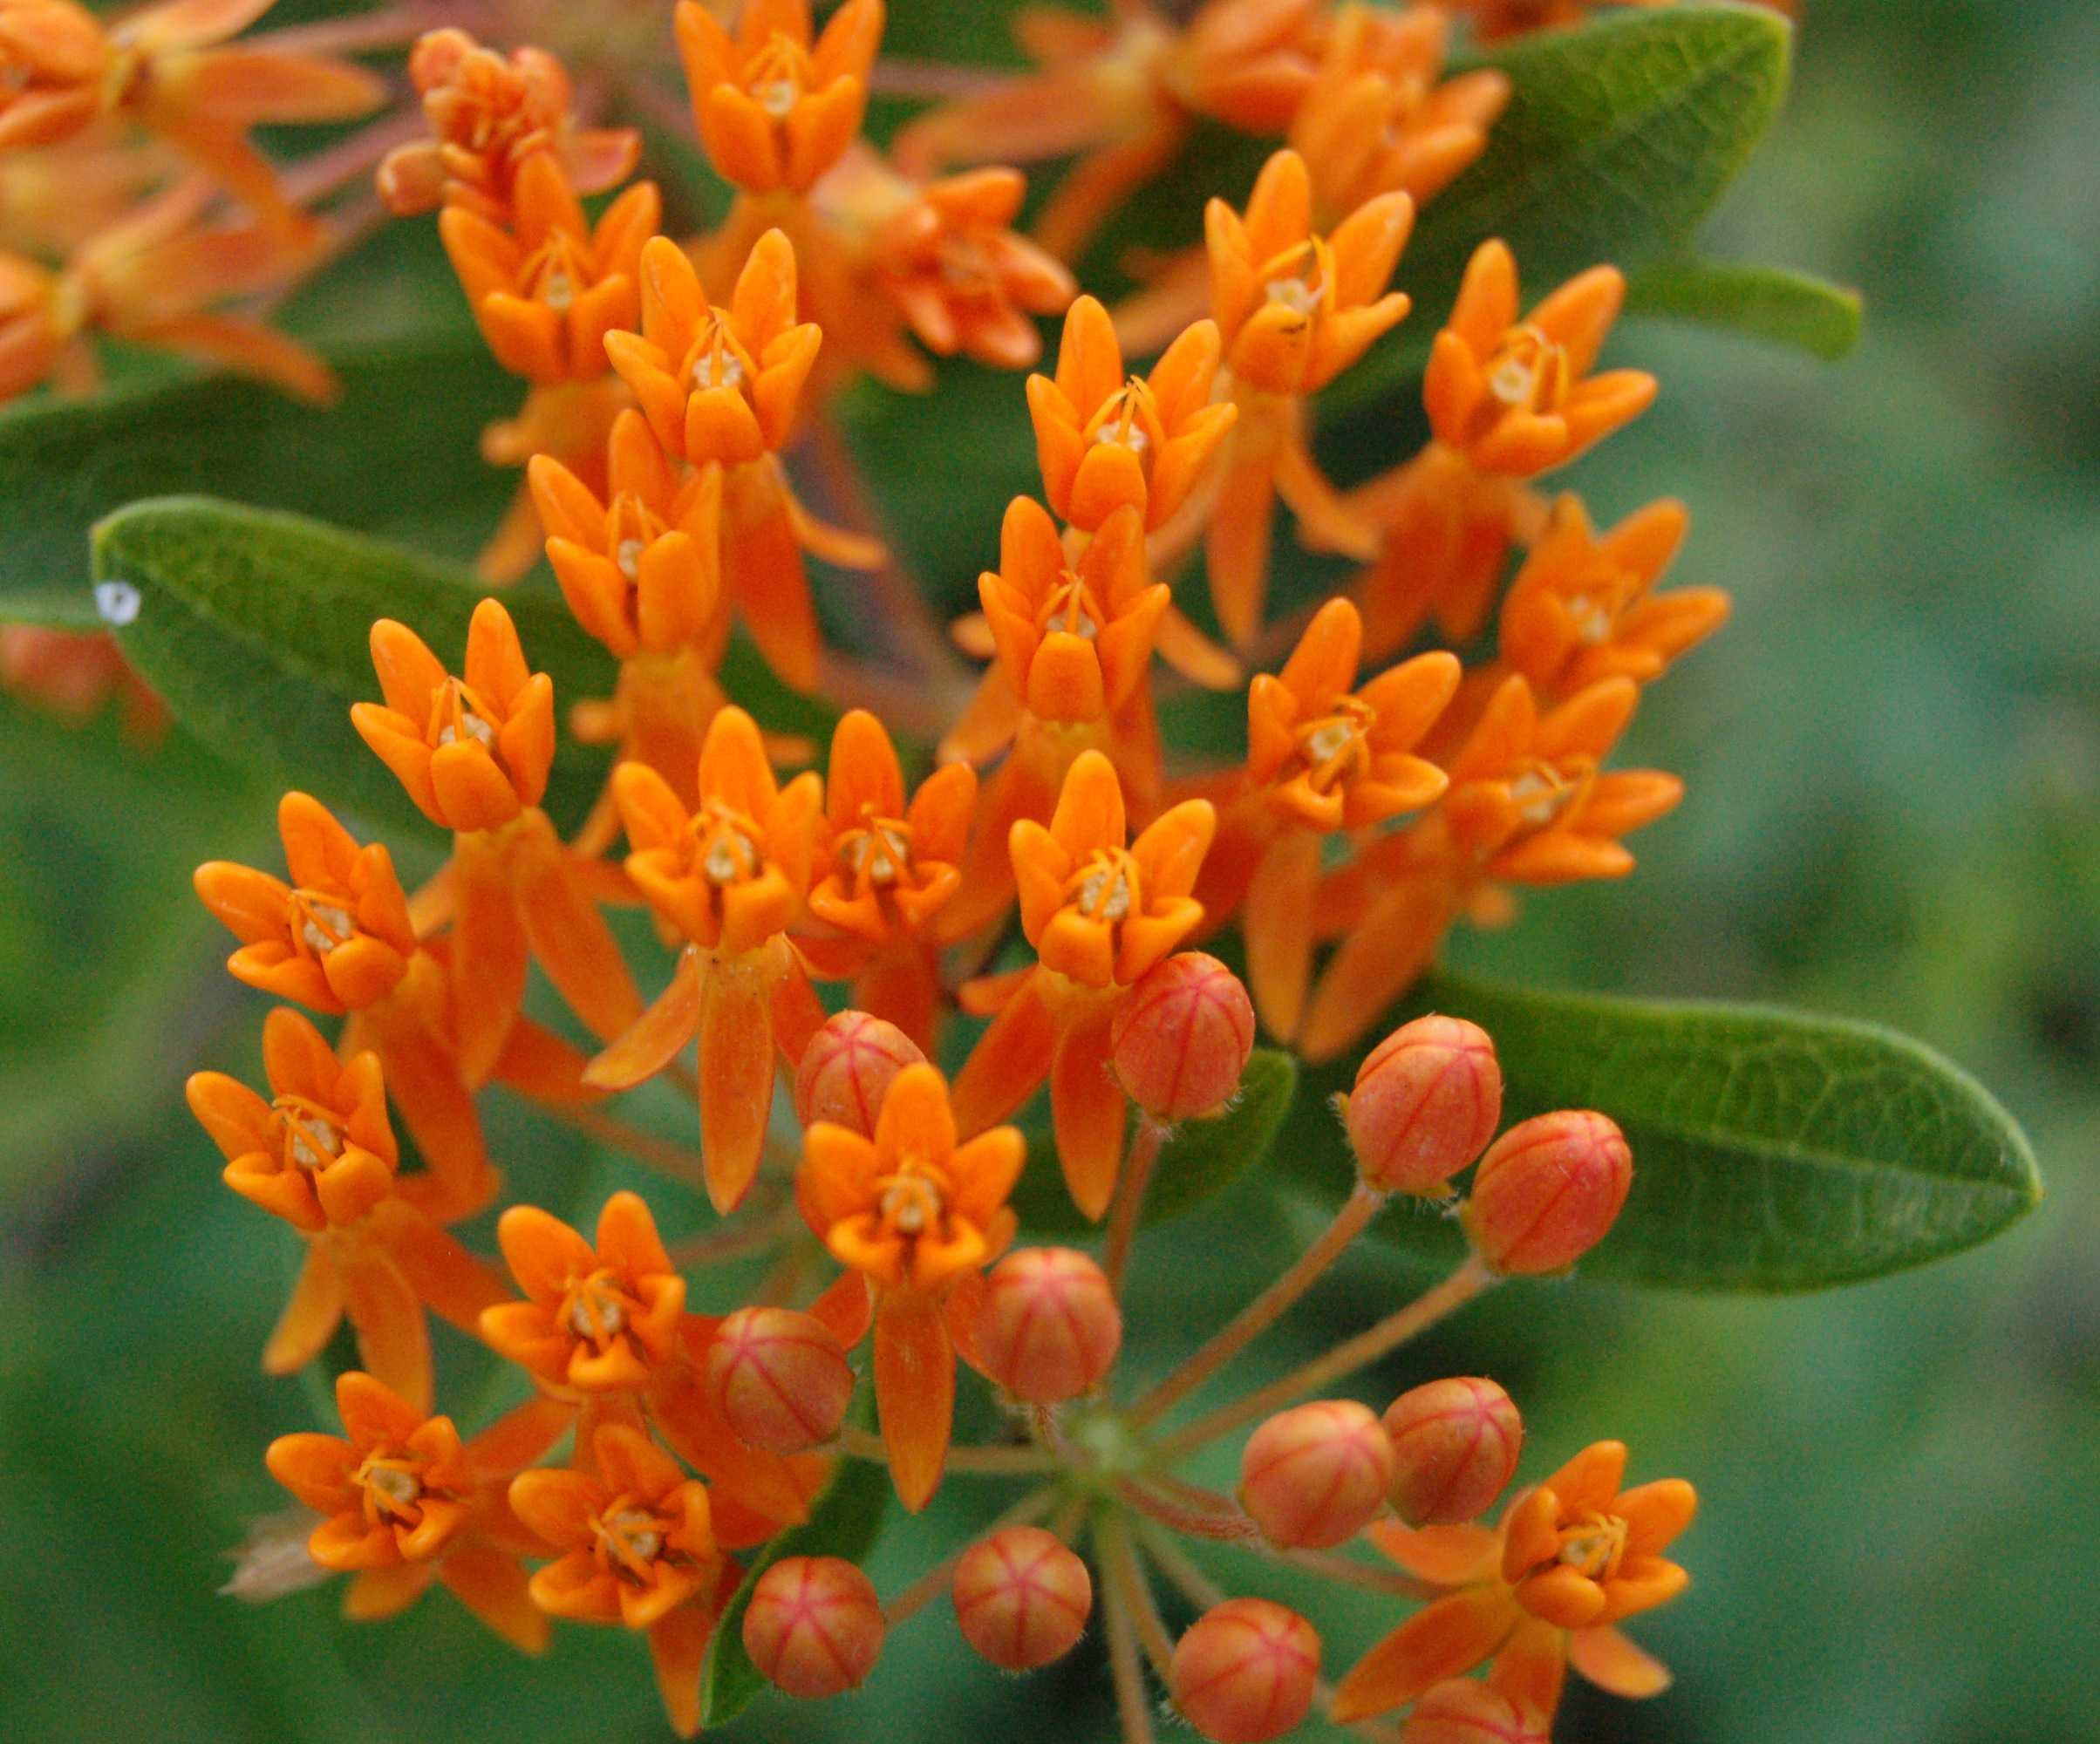 цветок ваточник фото семейного